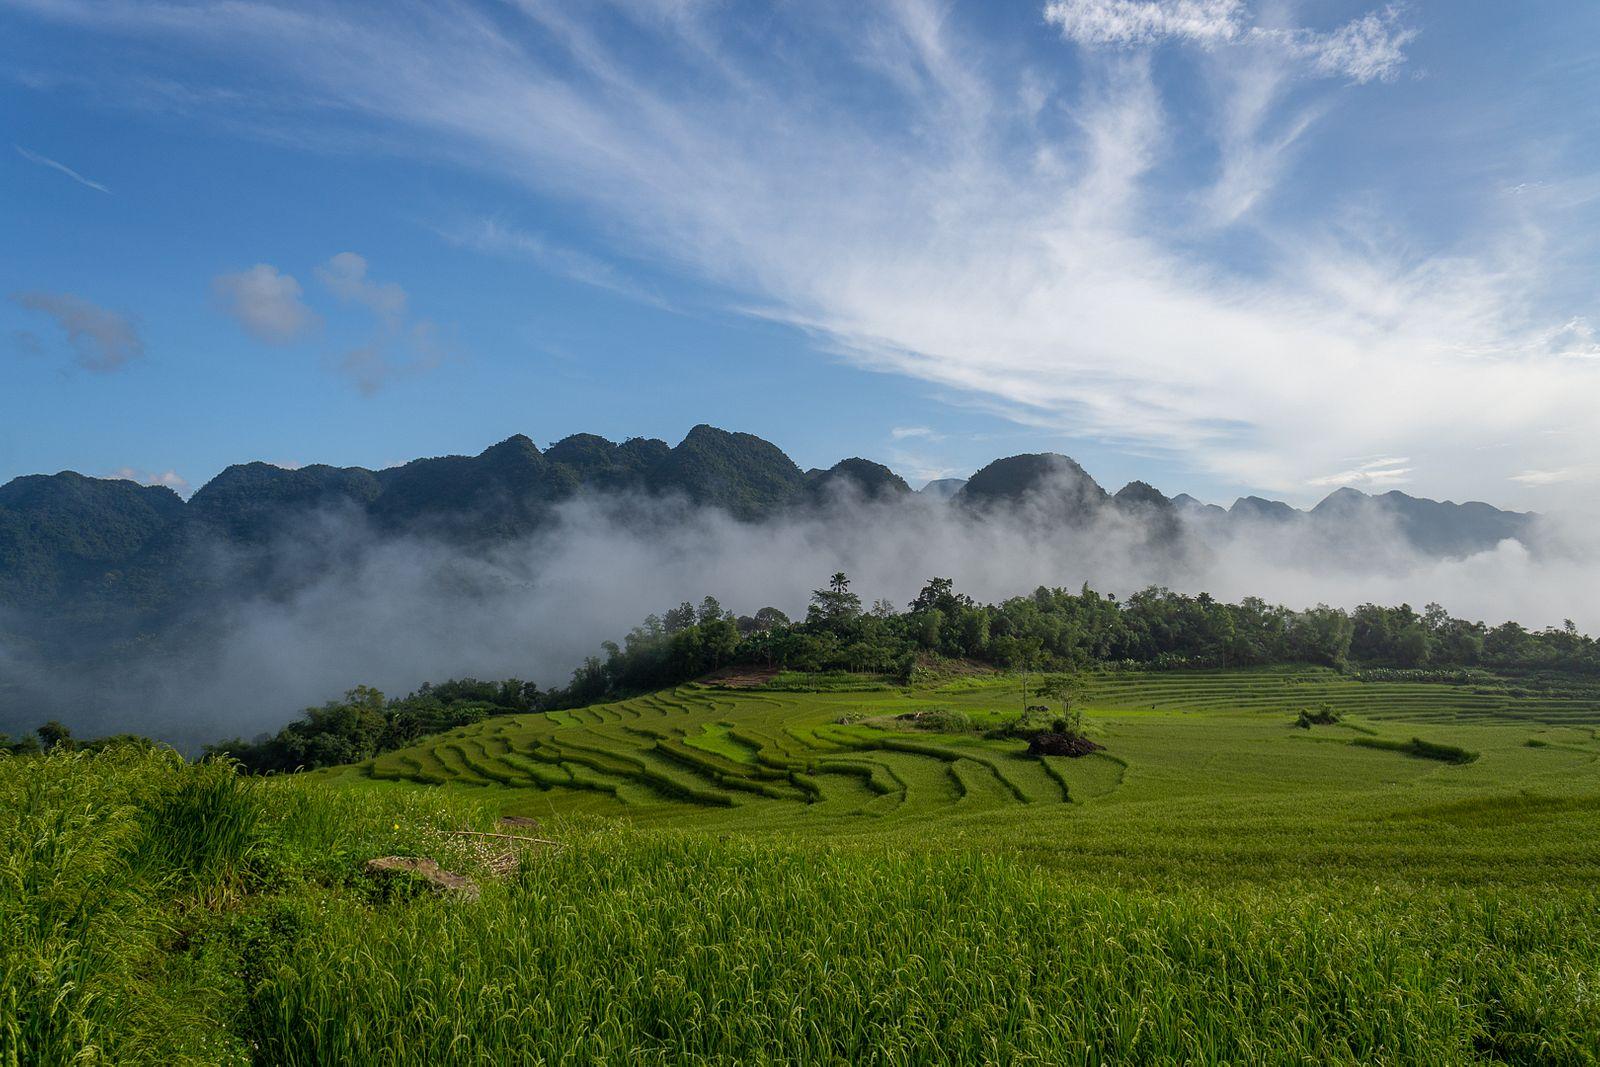 Sommet de la montagne Pu Luong